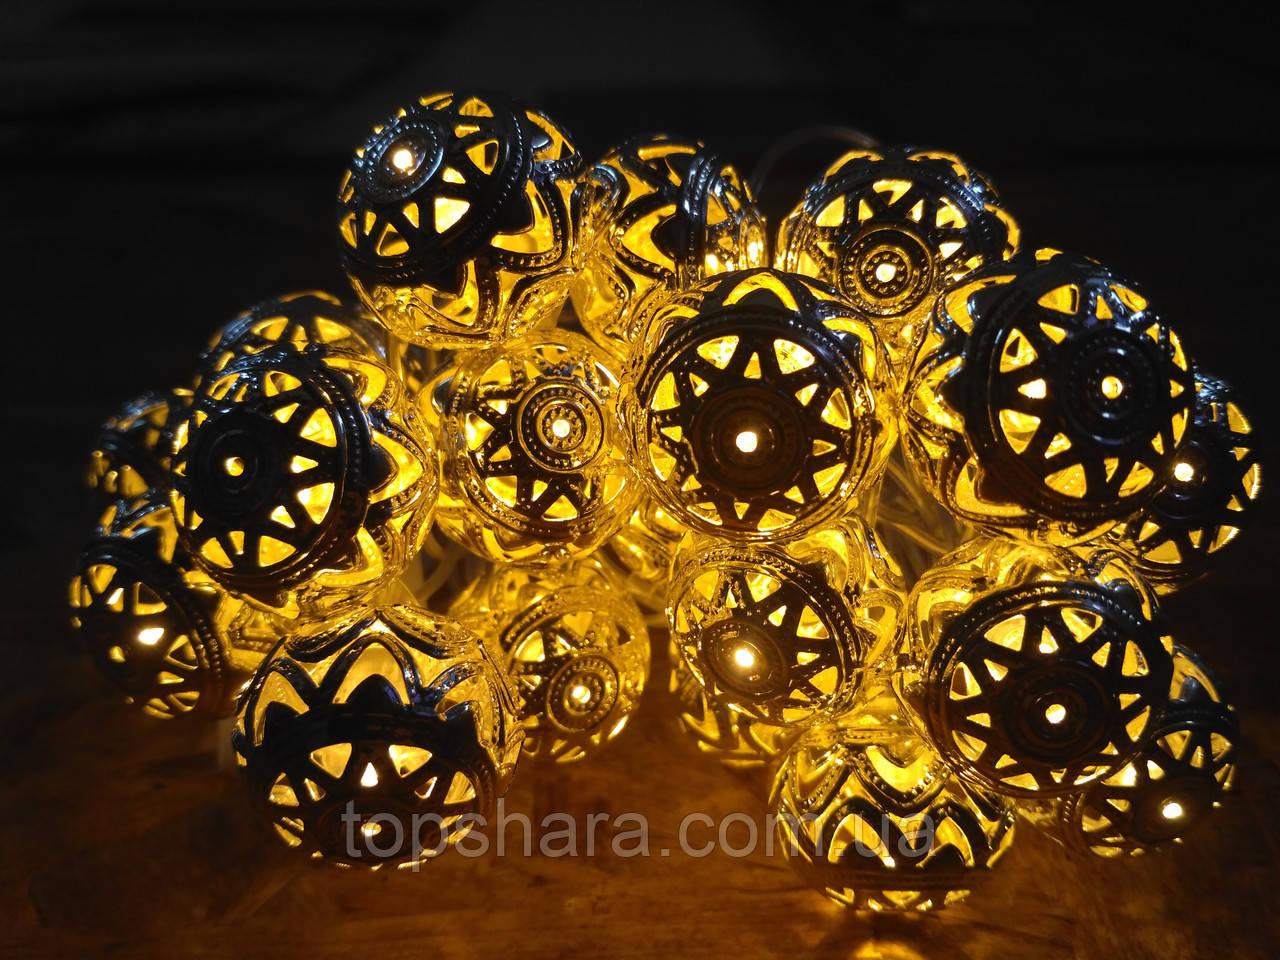 Гирлянда светодиодная золотые шарики 20 led